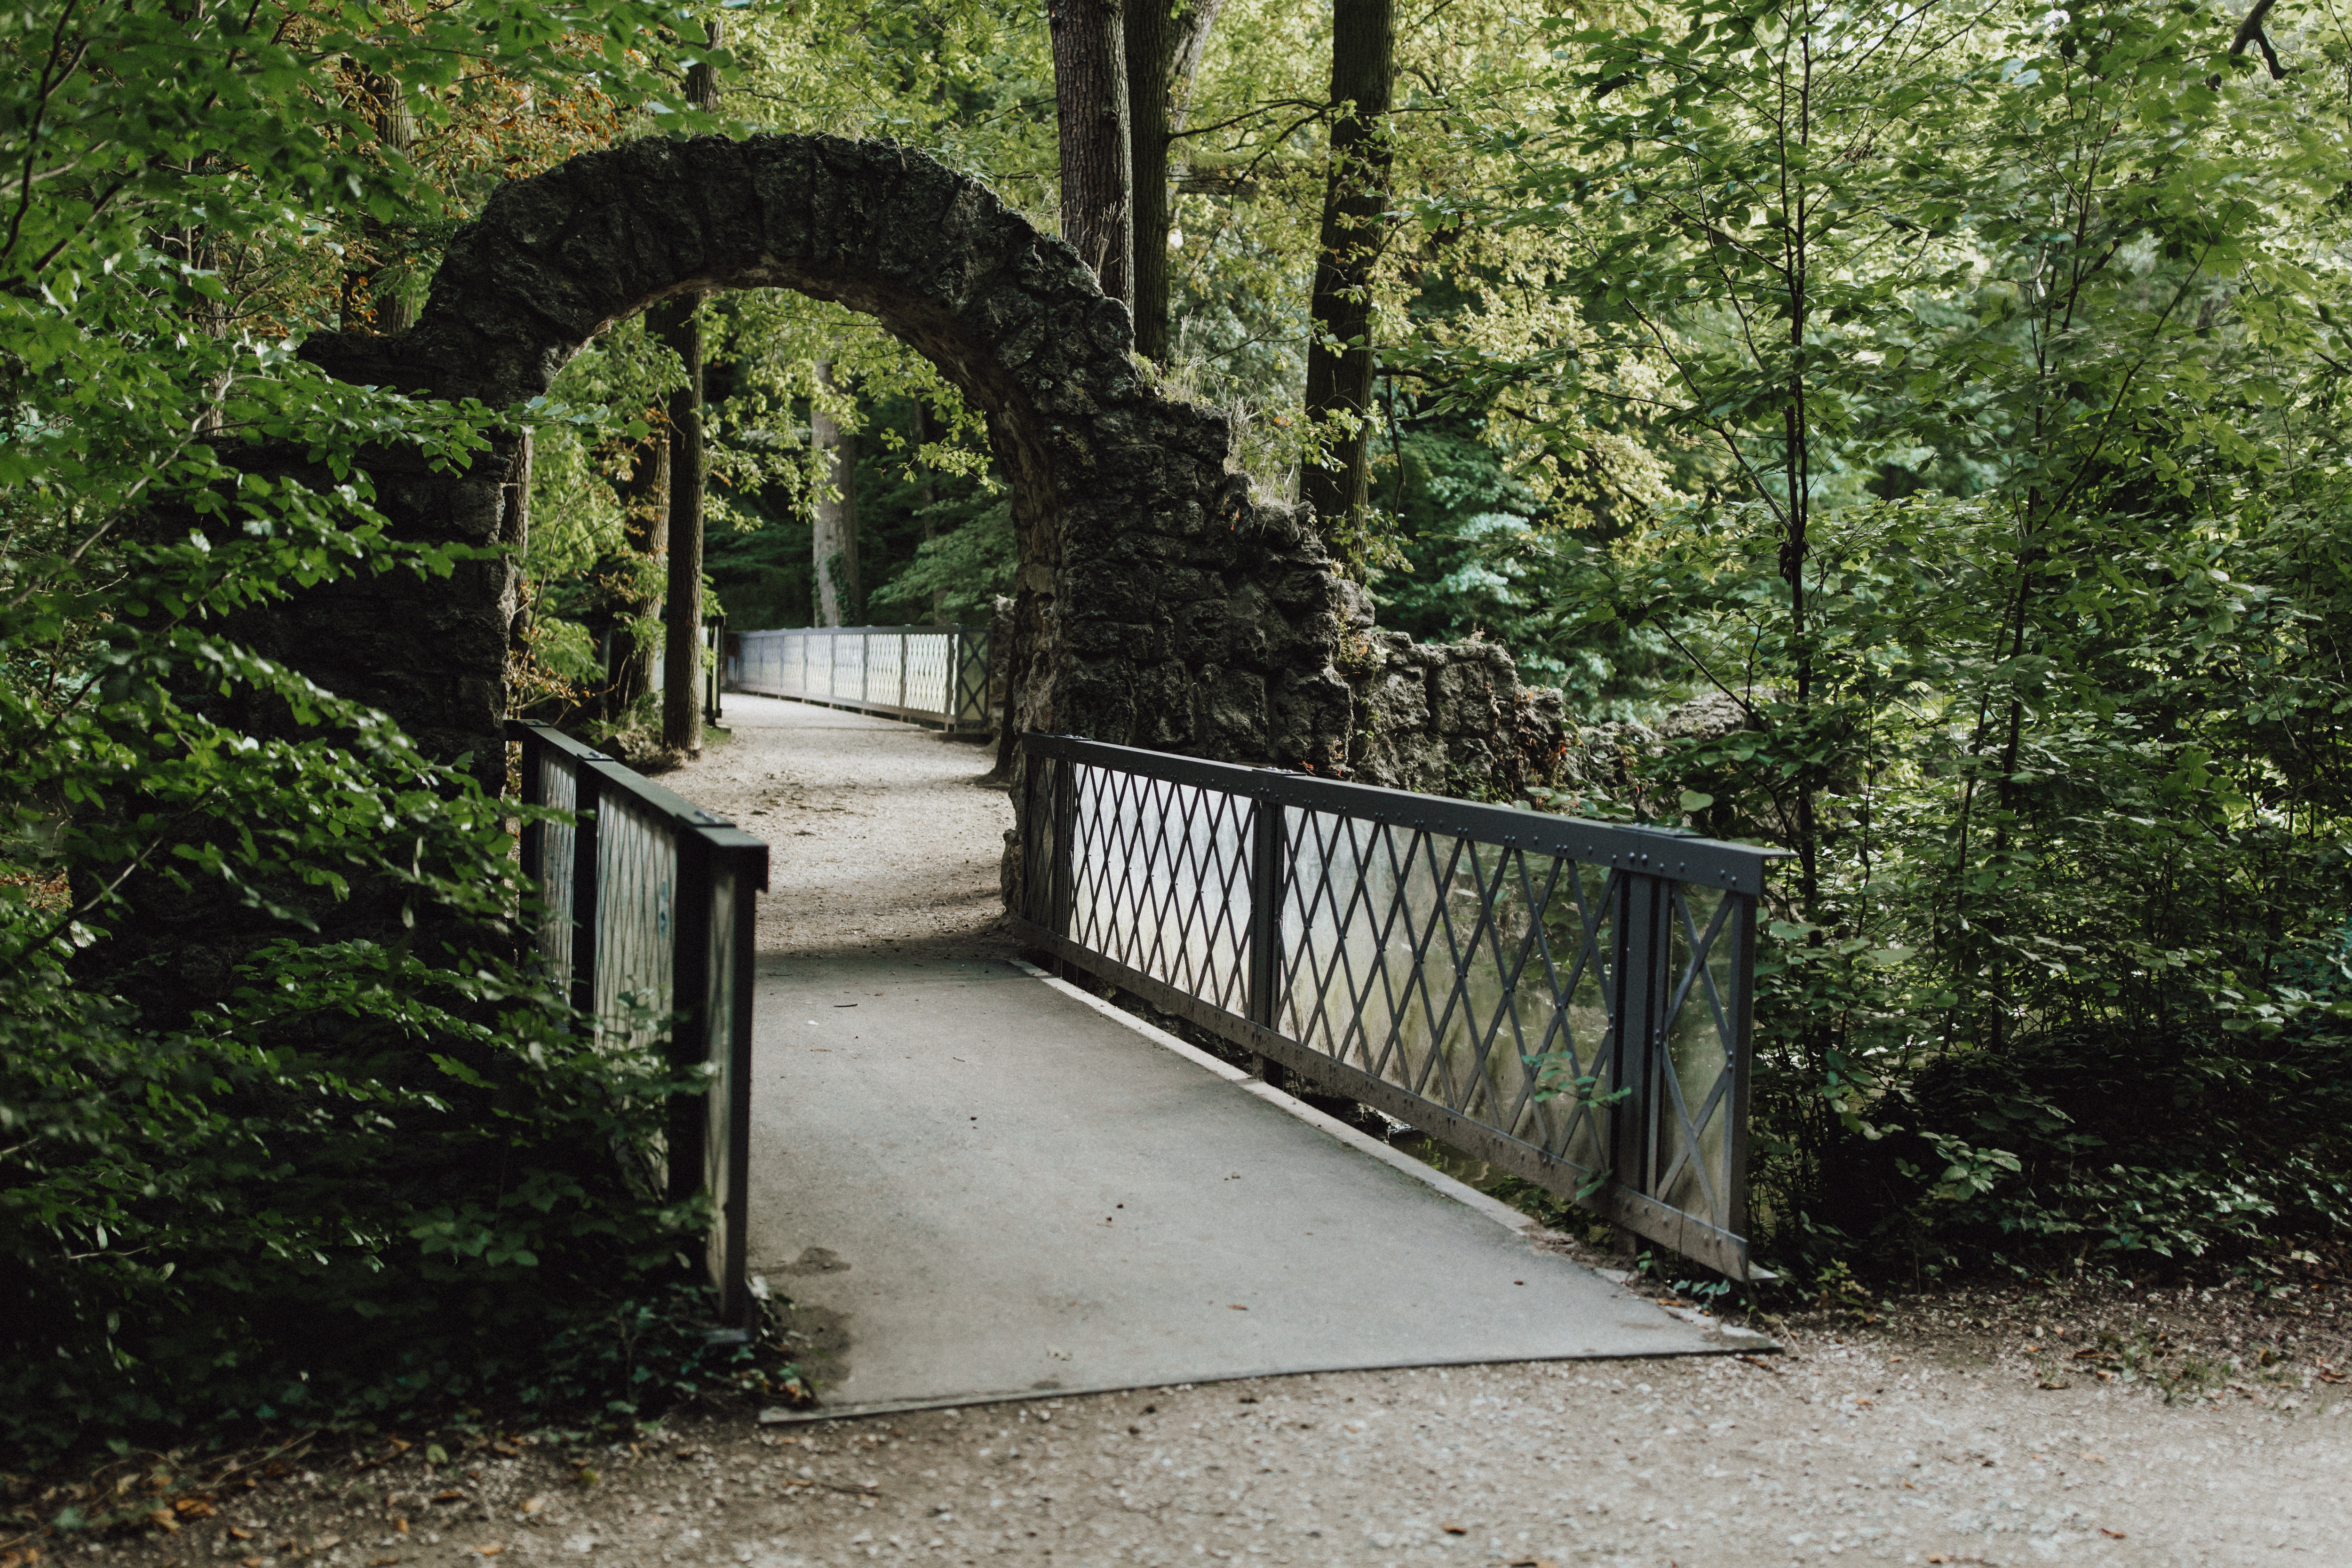 URBANERIE_Daniela_Goth_Fotografin_Nürnberg_Fürth_Erlangen_Schwabach_170906_001_0053